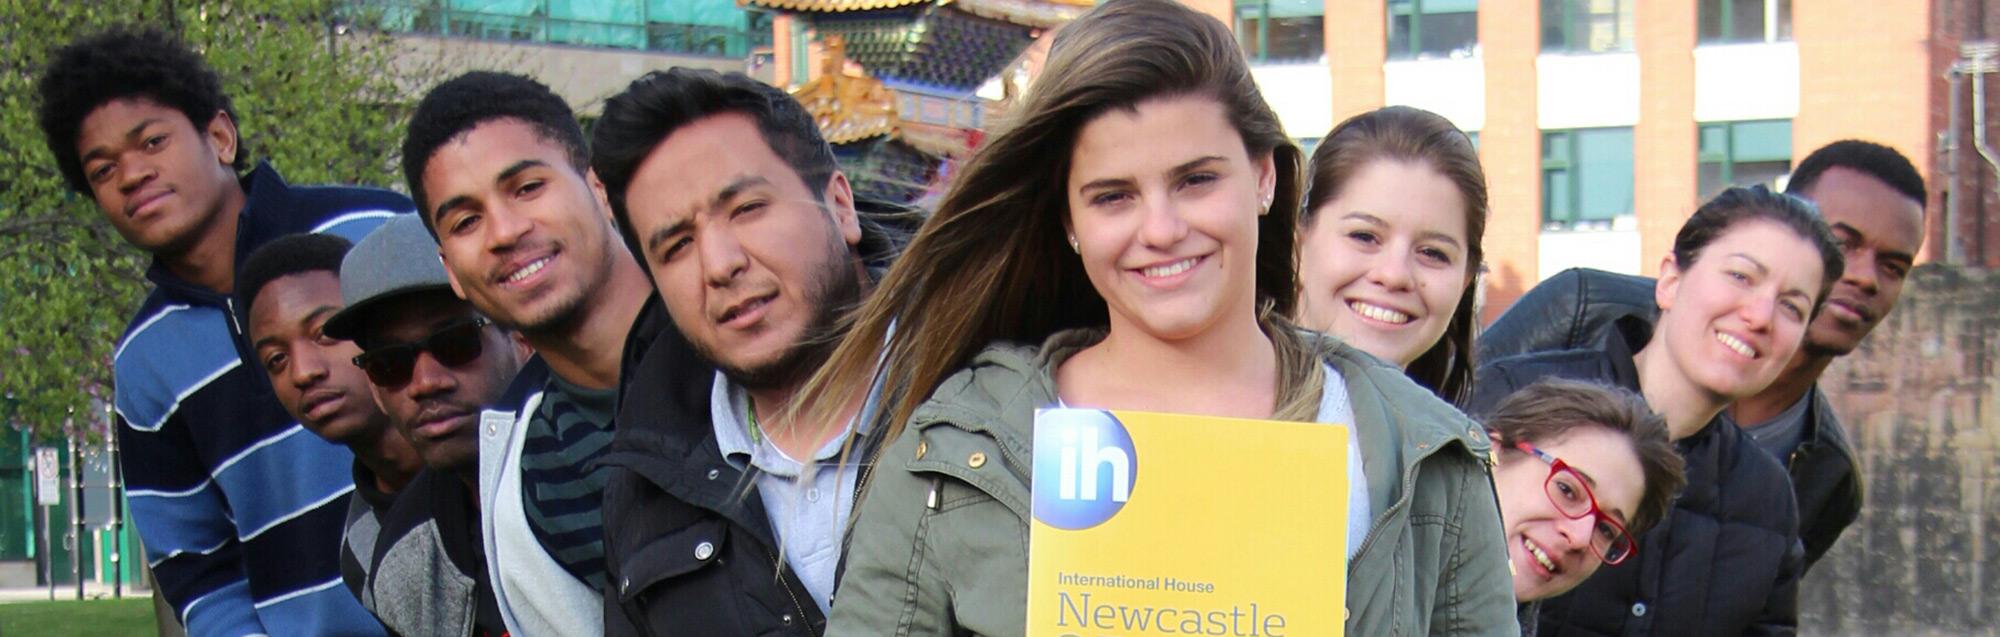 Als Bildungsurlaub anerkannte Kurse bei IH Newcastle